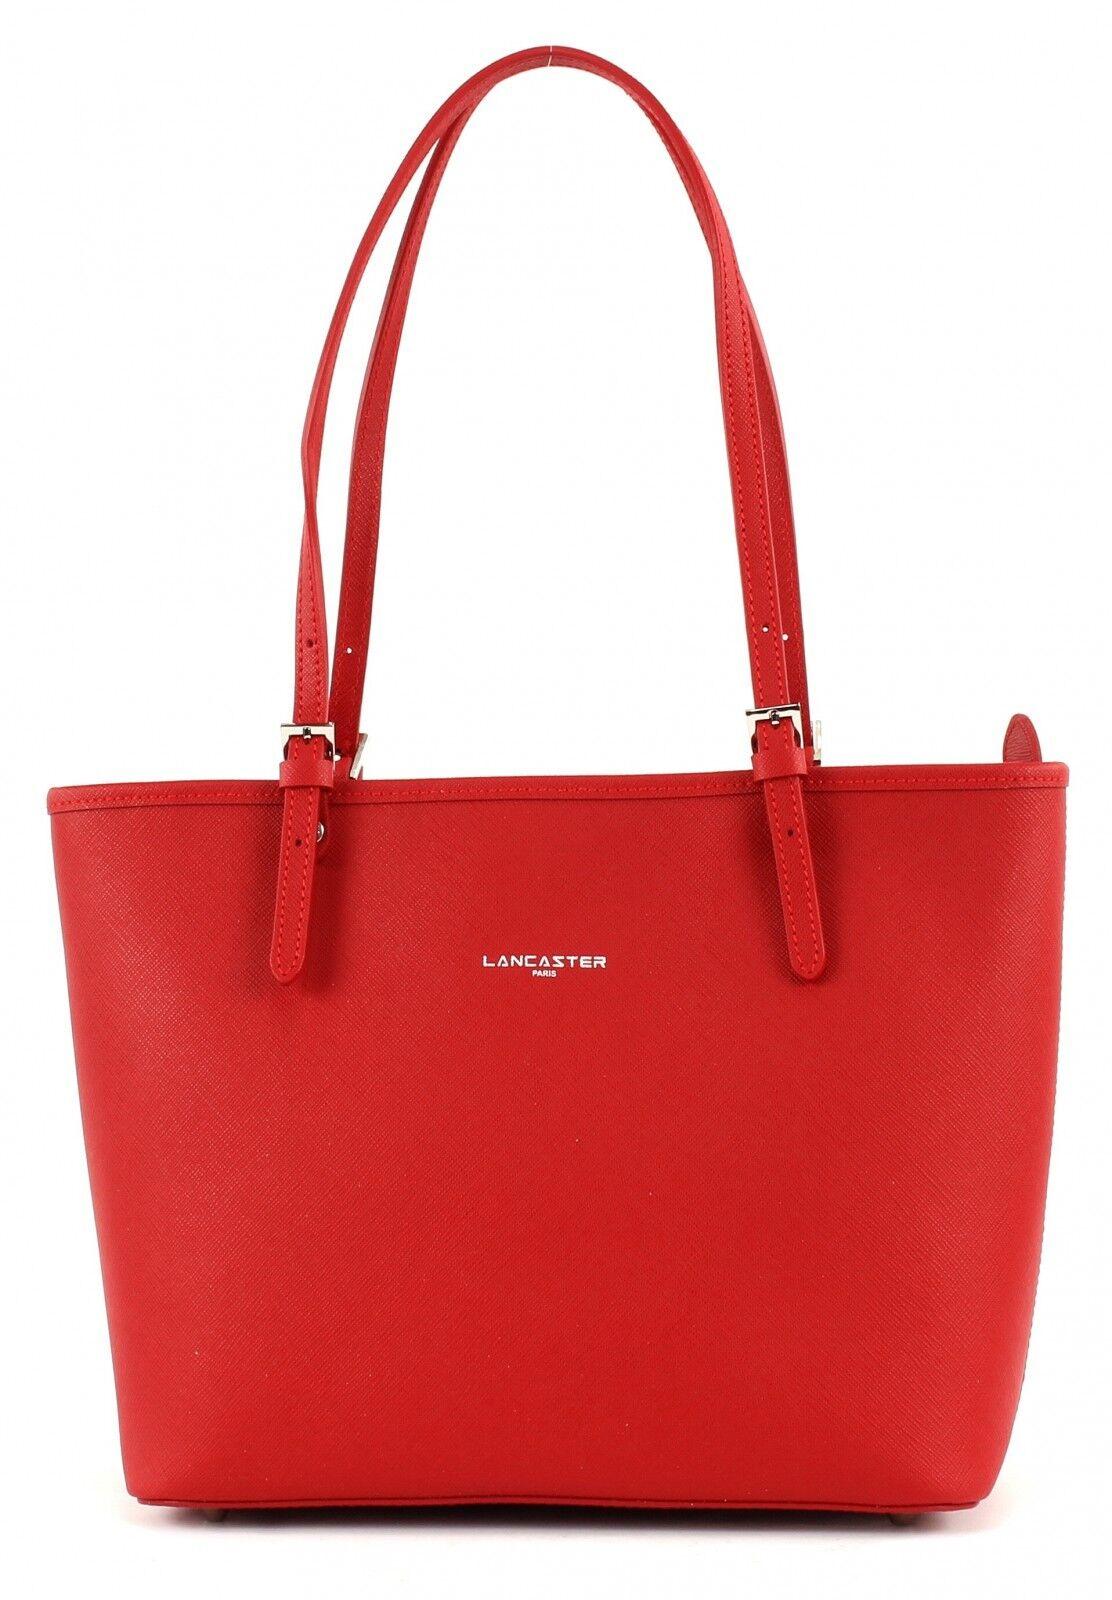 LANCASTER Adèle Shoulderbag Tasche Schultertasche Schultertasche Schultertasche Handtasche Rot rot Damen Neu | Adoptieren  | Moderner Modus  | New Product 2019  4bb762